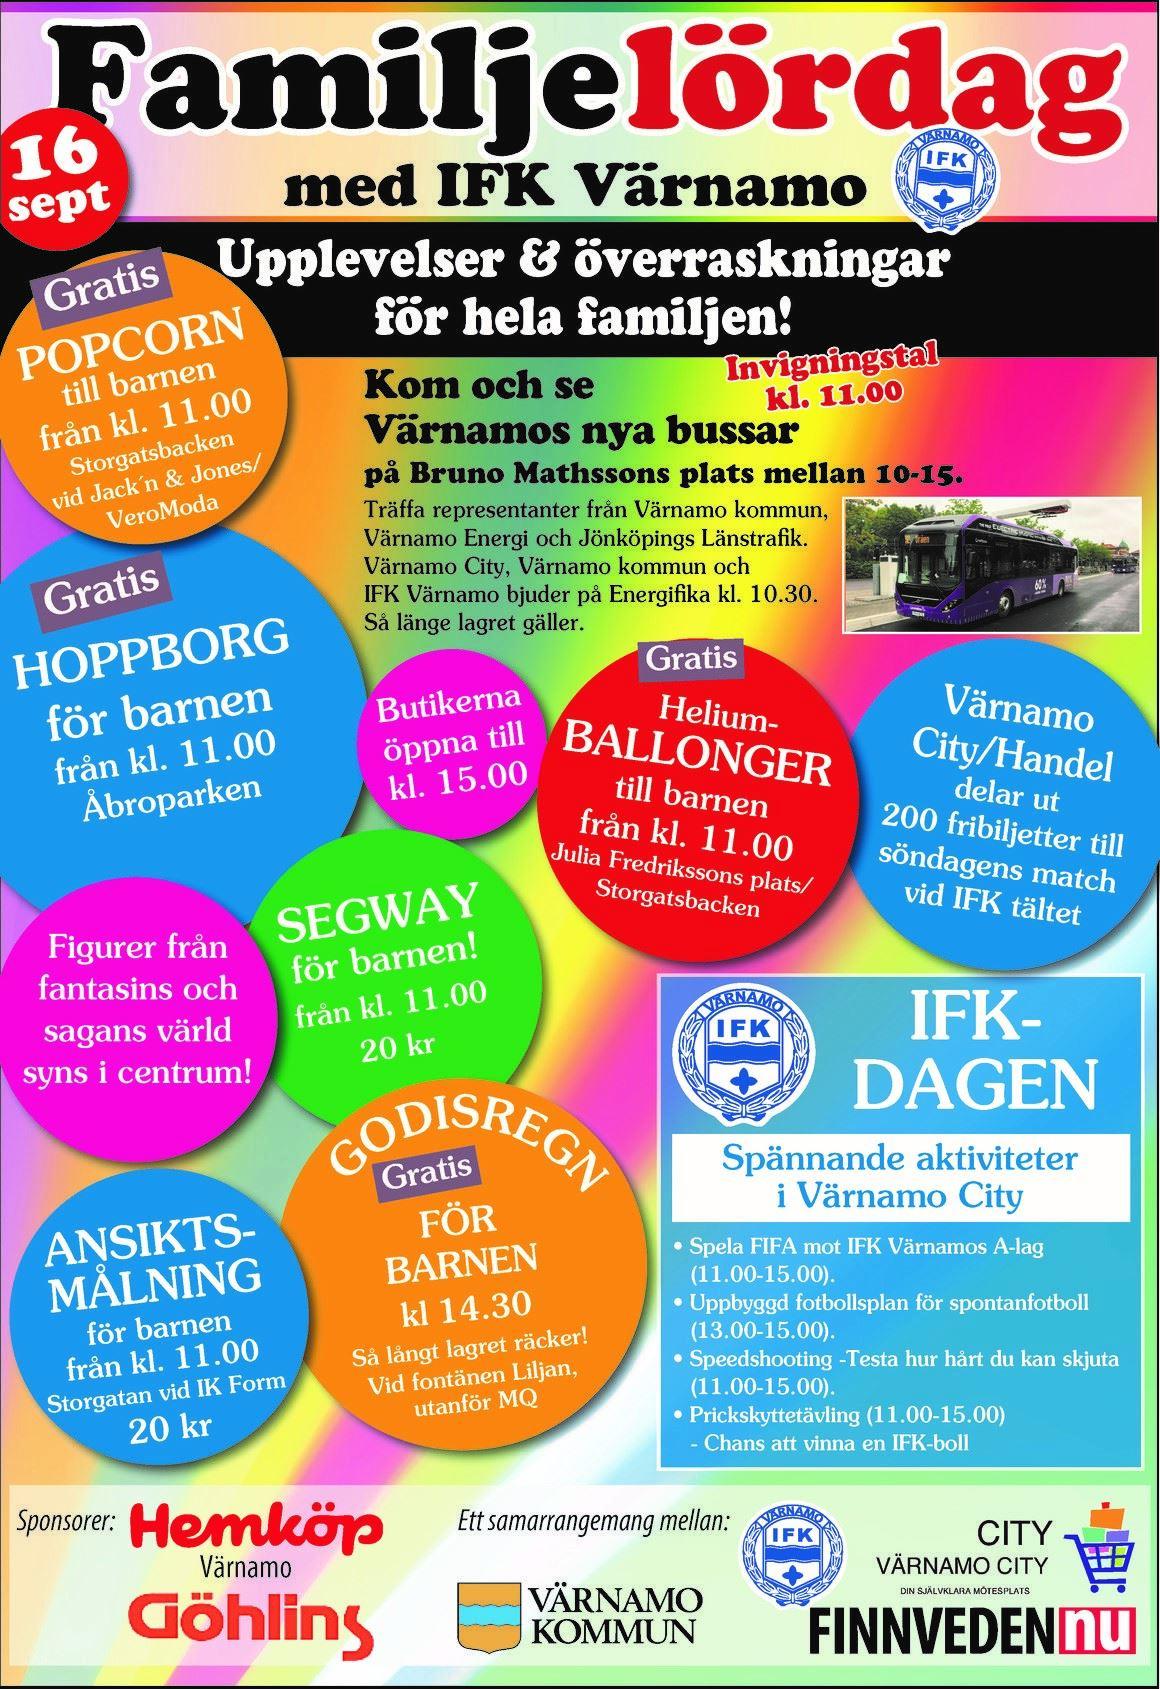 Värnamo city, IFK-dagen och Familjelördag